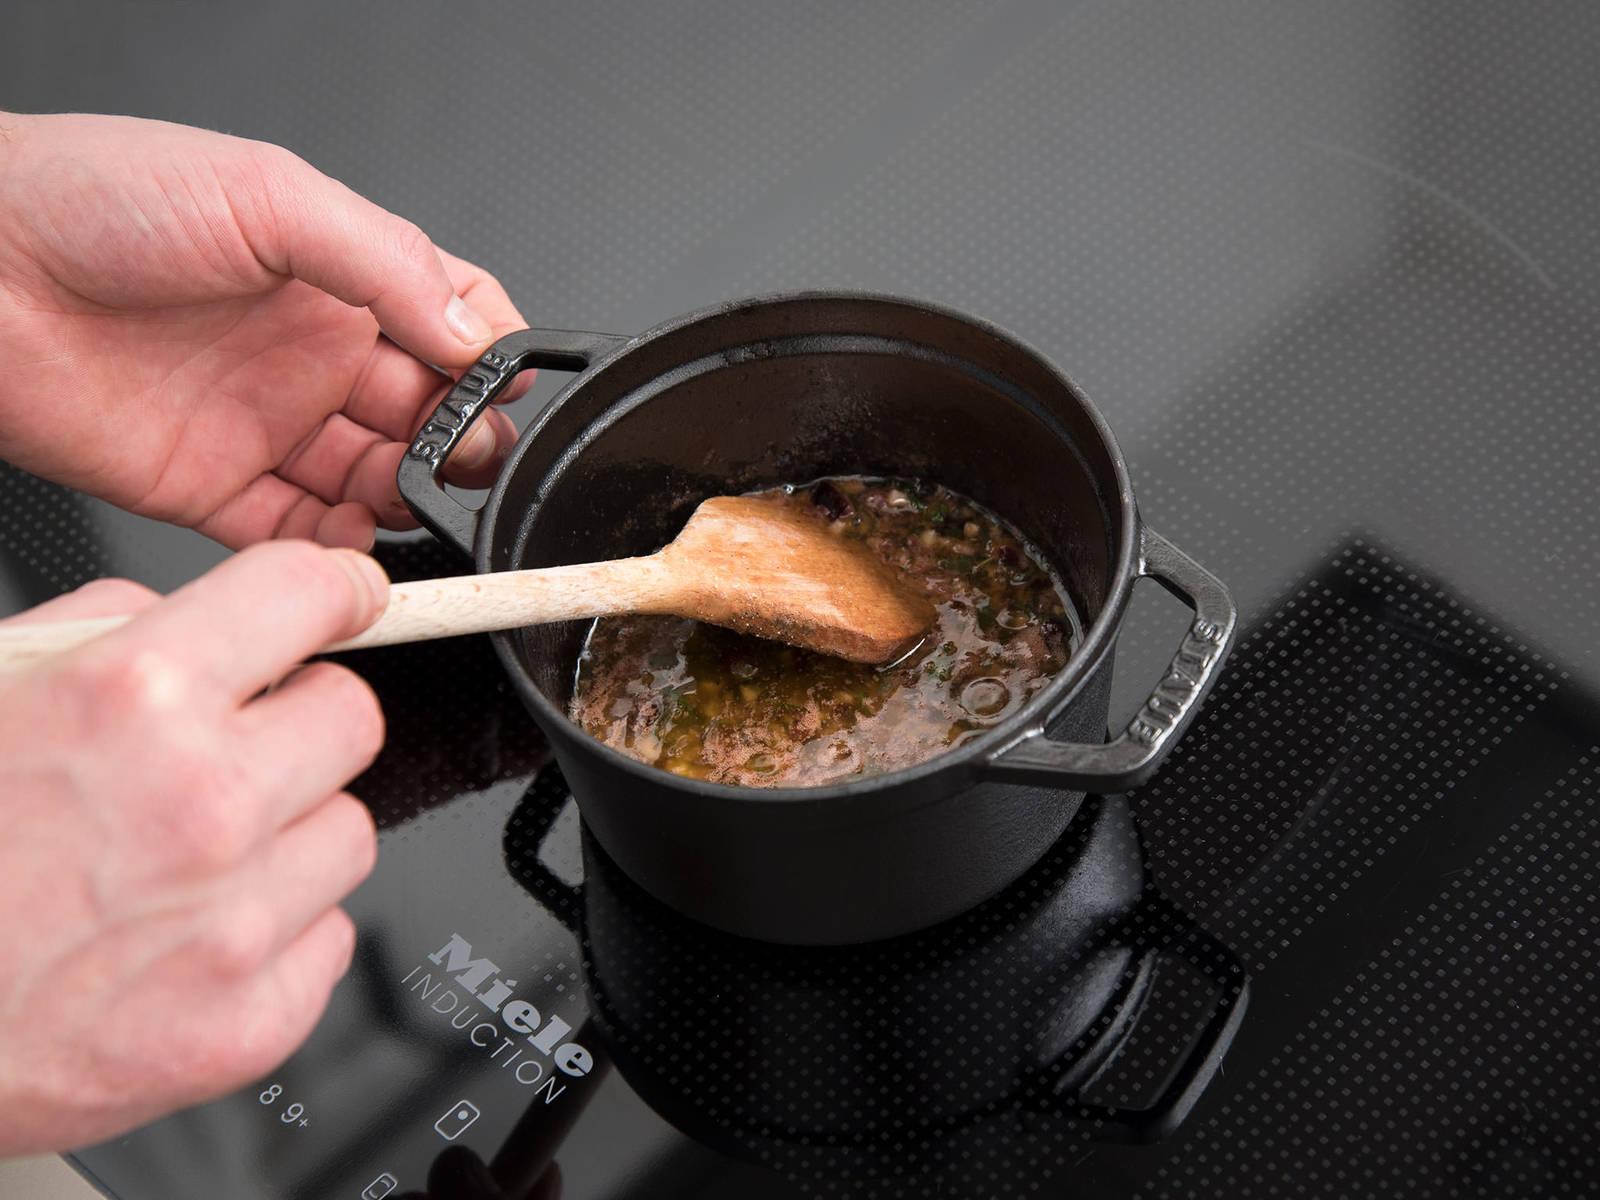 Zwei Drittel der Butter in einem kleinen Topf schmelzen. Blutorangenabrieb und -saft, Cranberrys, gehackte Salbeiblätter und Knoblauch dazugeben. Mit Salz und Pfeffer würzen, vermengen und die Mischung ca. 3 - 4 Min. köcheln lassen. Beiseitestellen.